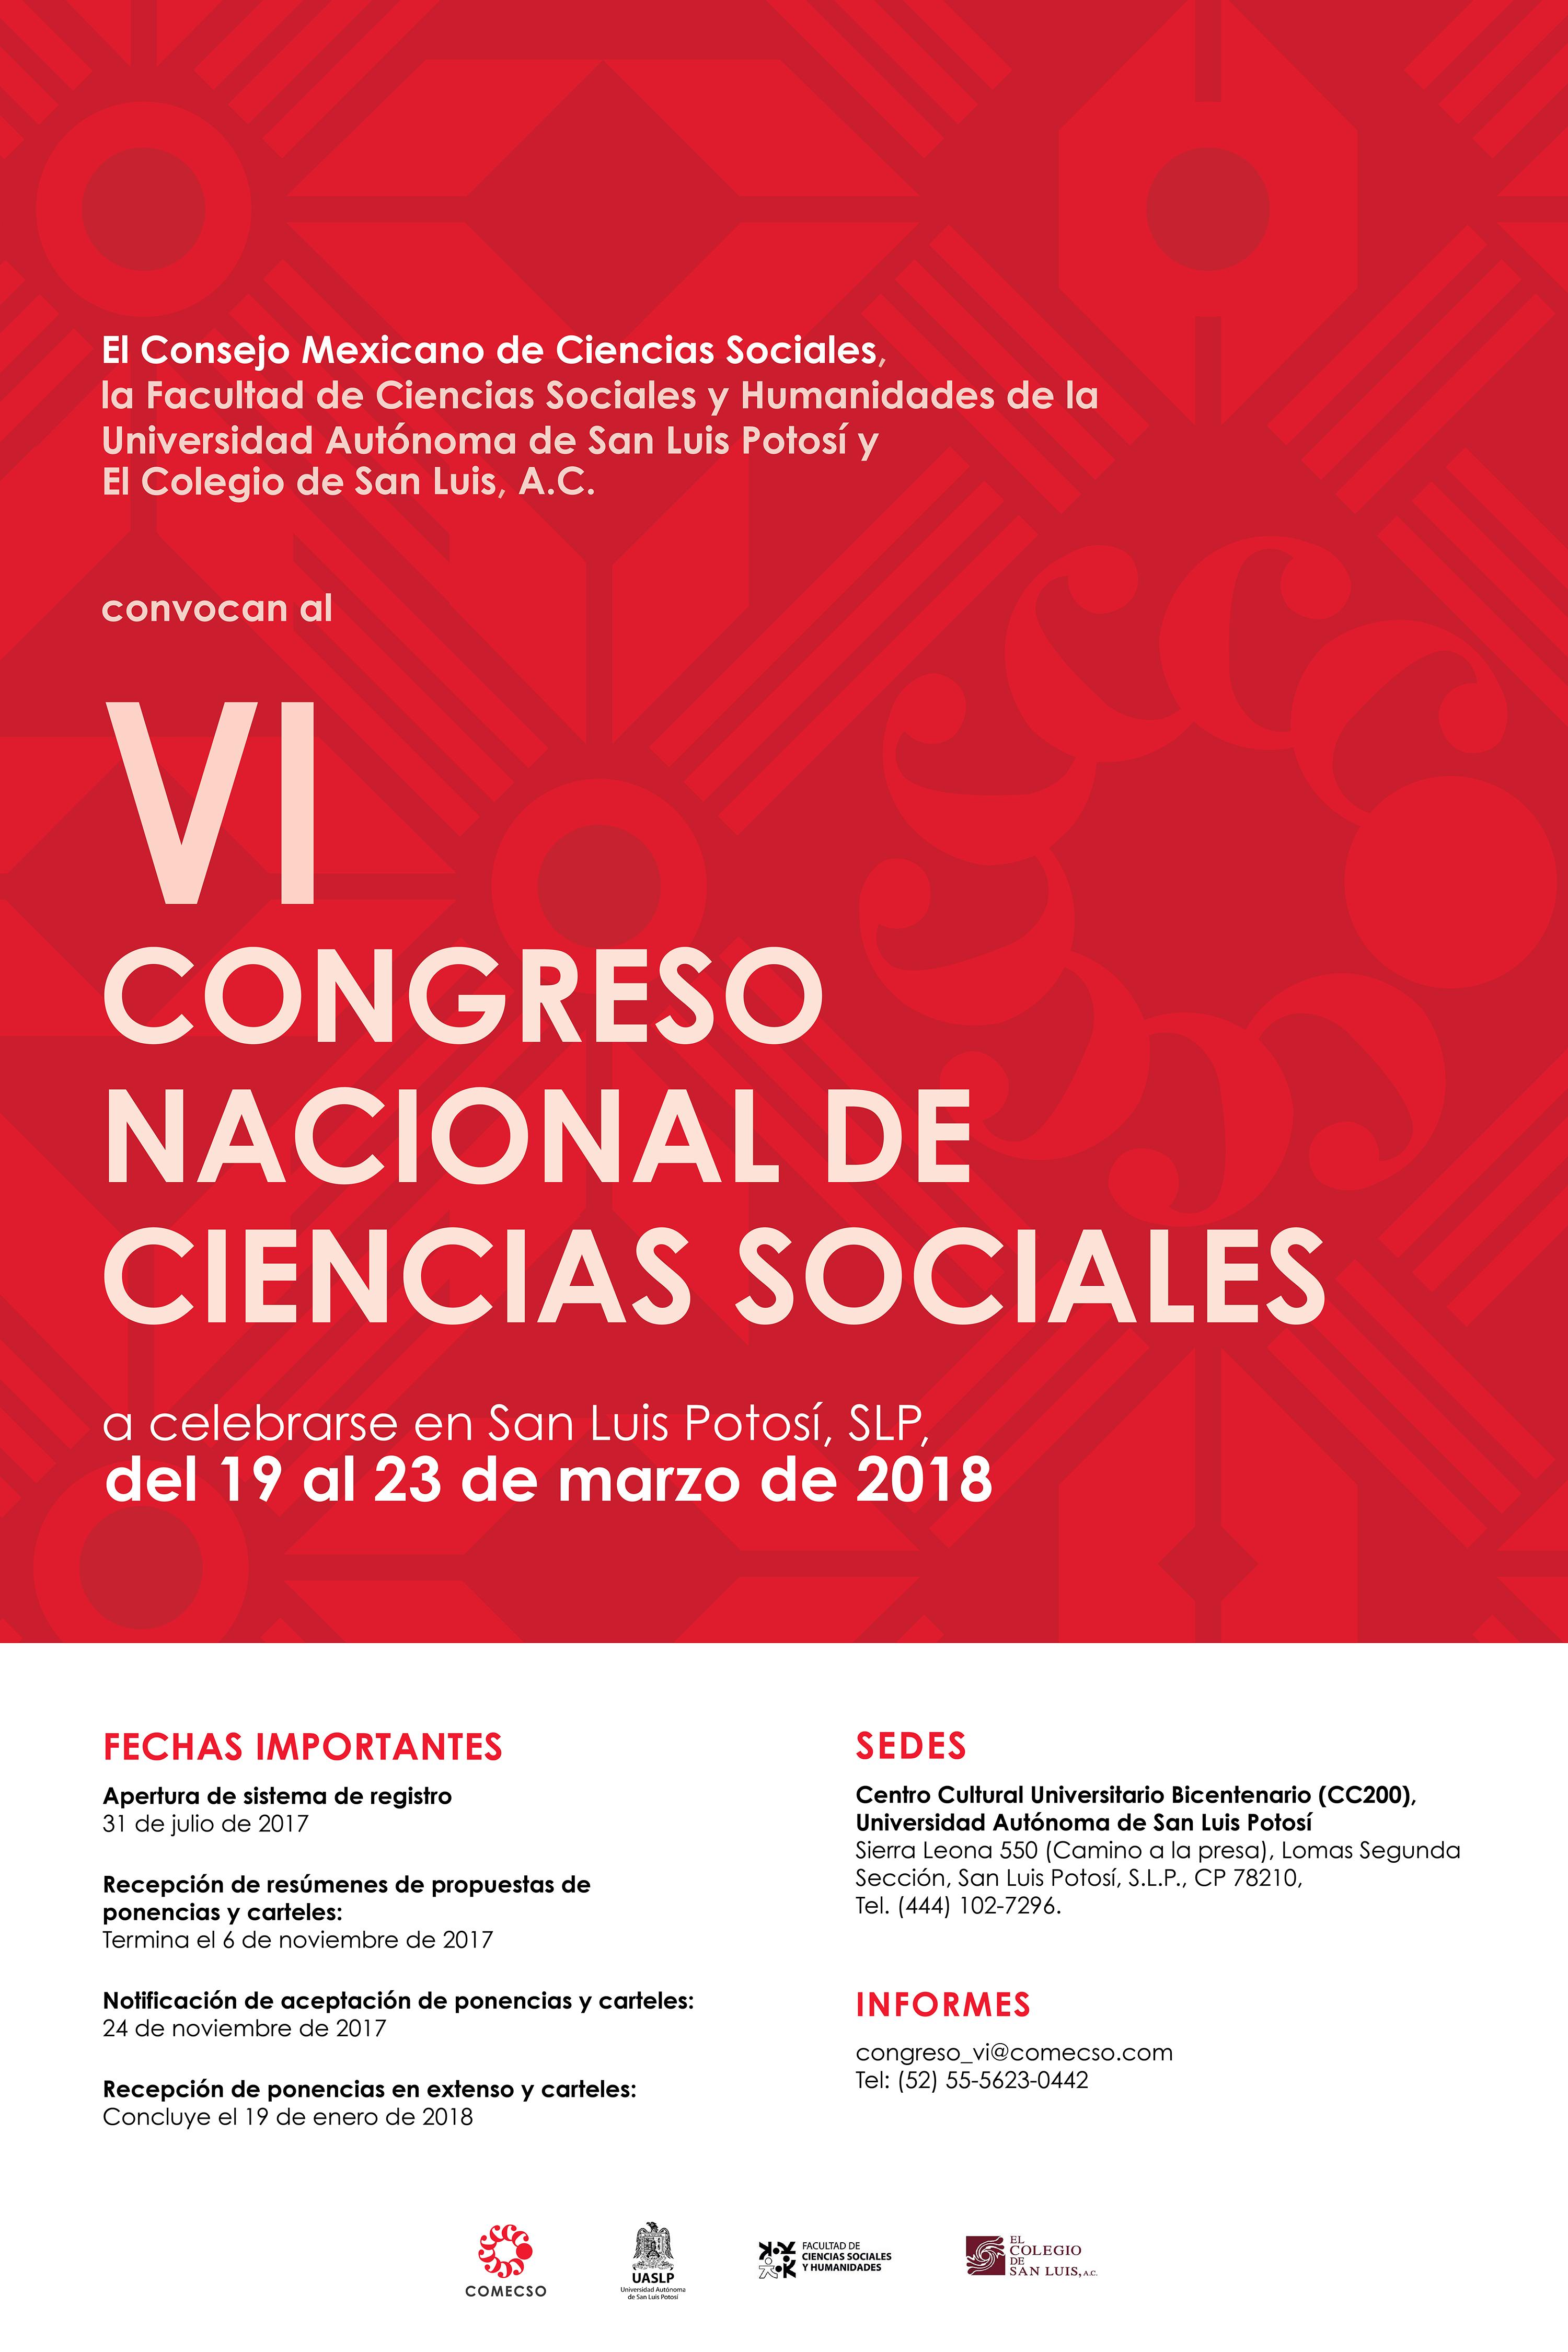 VI CONGRESO NACIONAL DE CIENCIAS SOCIALES